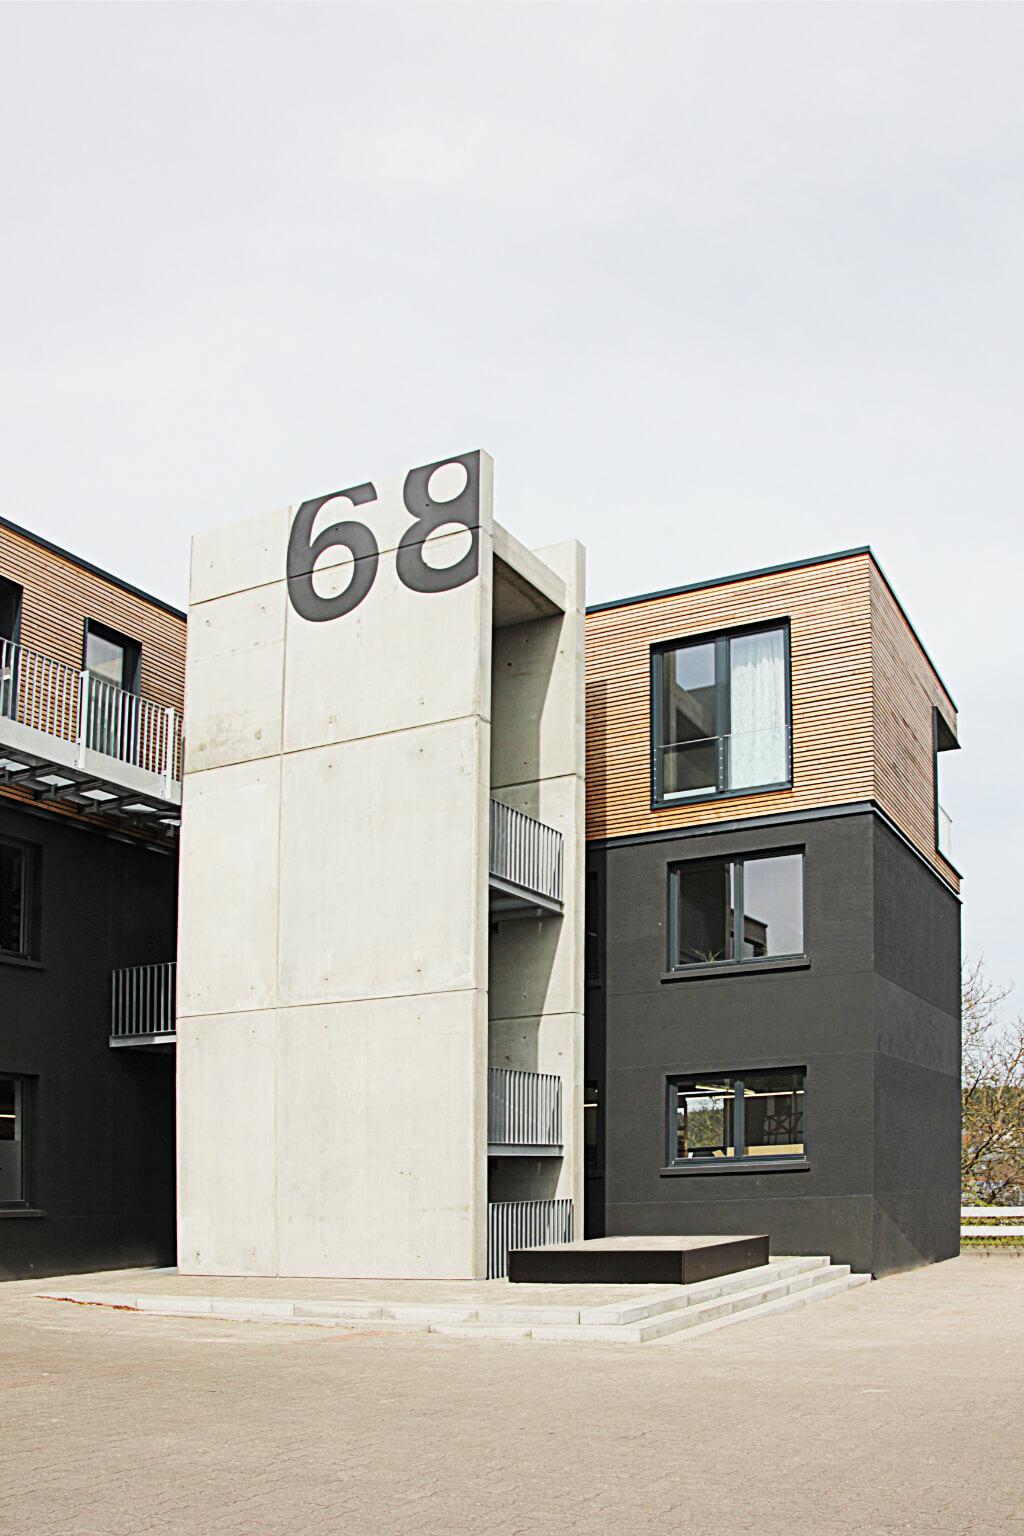 TS68-06-marcbetz architekten